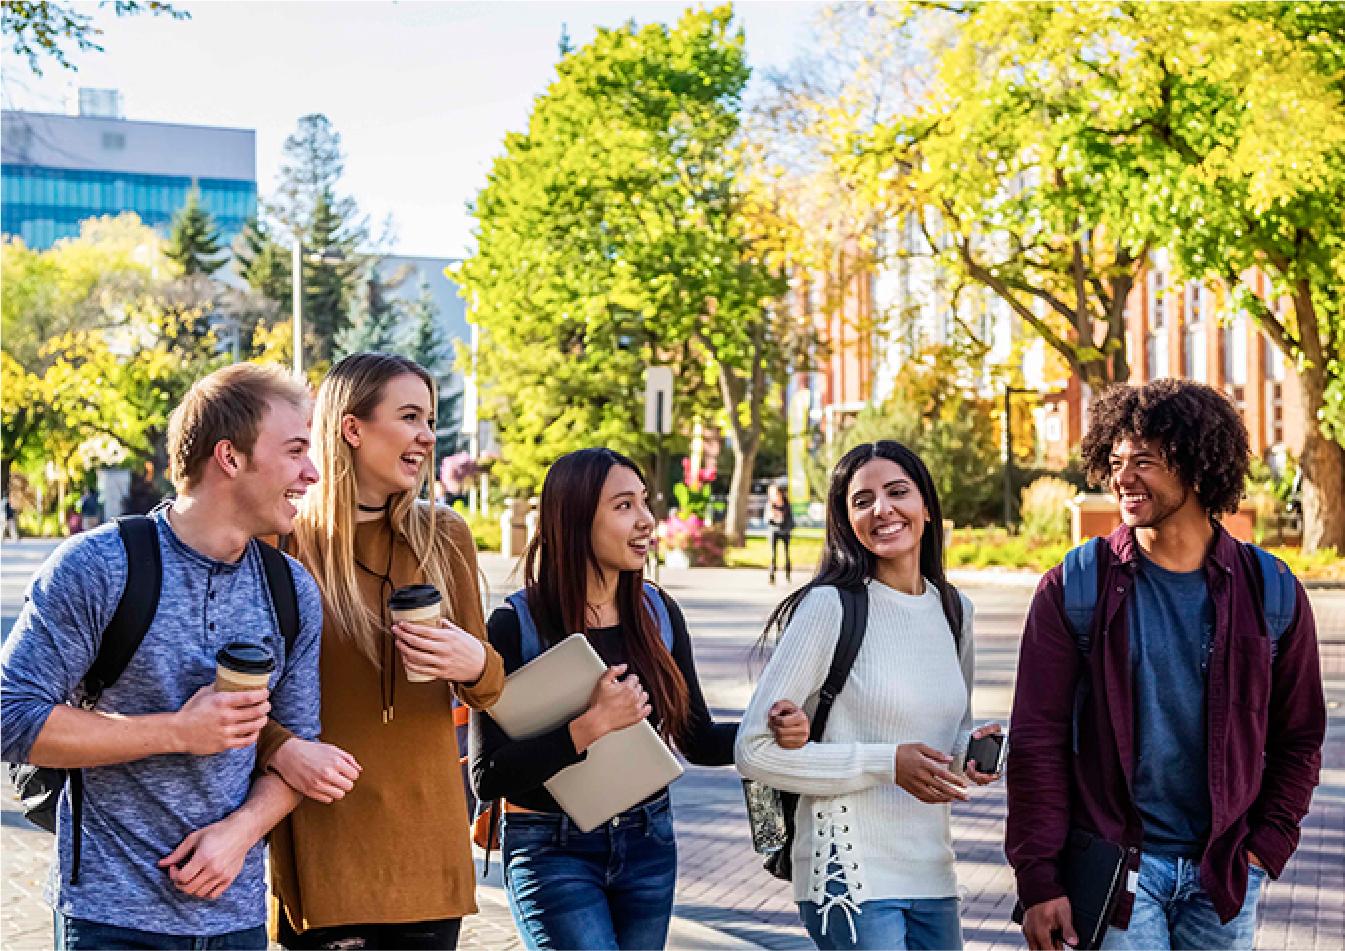 【澳洲留学福利】一生一次的PSW485工作签证!毕业季抓紧时间申请!